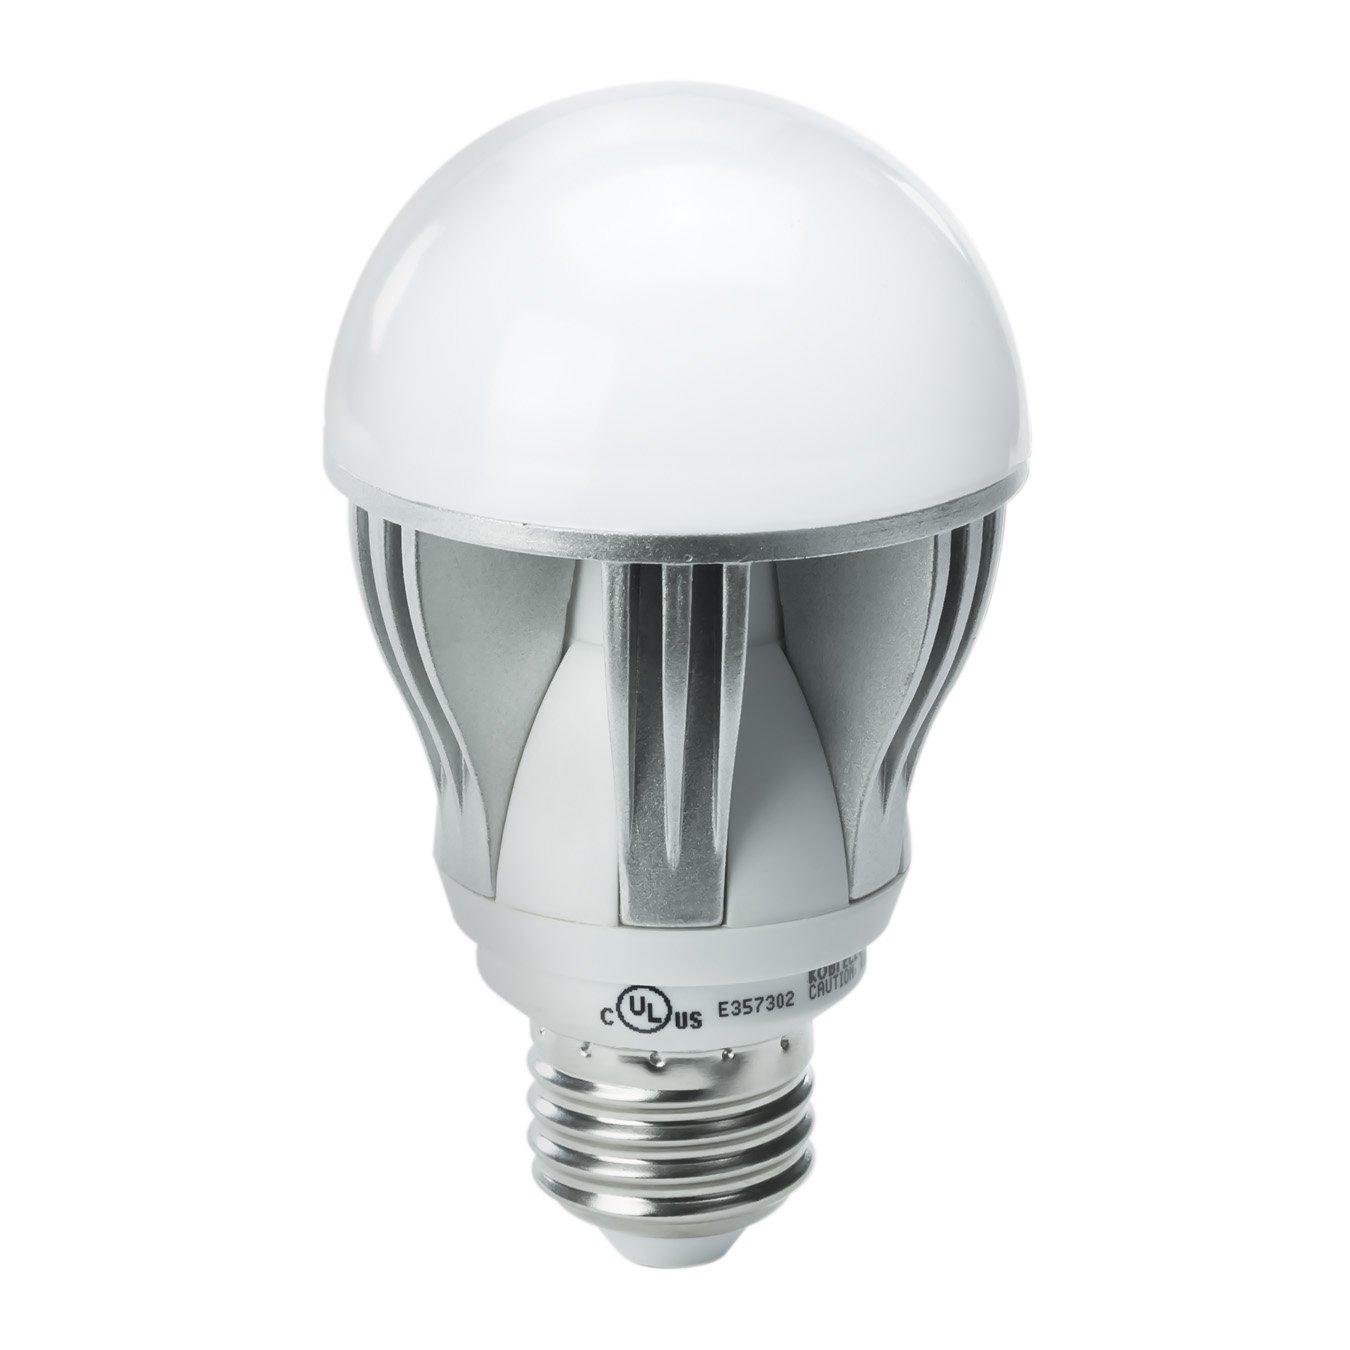 Kobi Electric K2l1 15 Watt 75 Watt A19 Led 5000k Cool White Light Bulb Dimmab